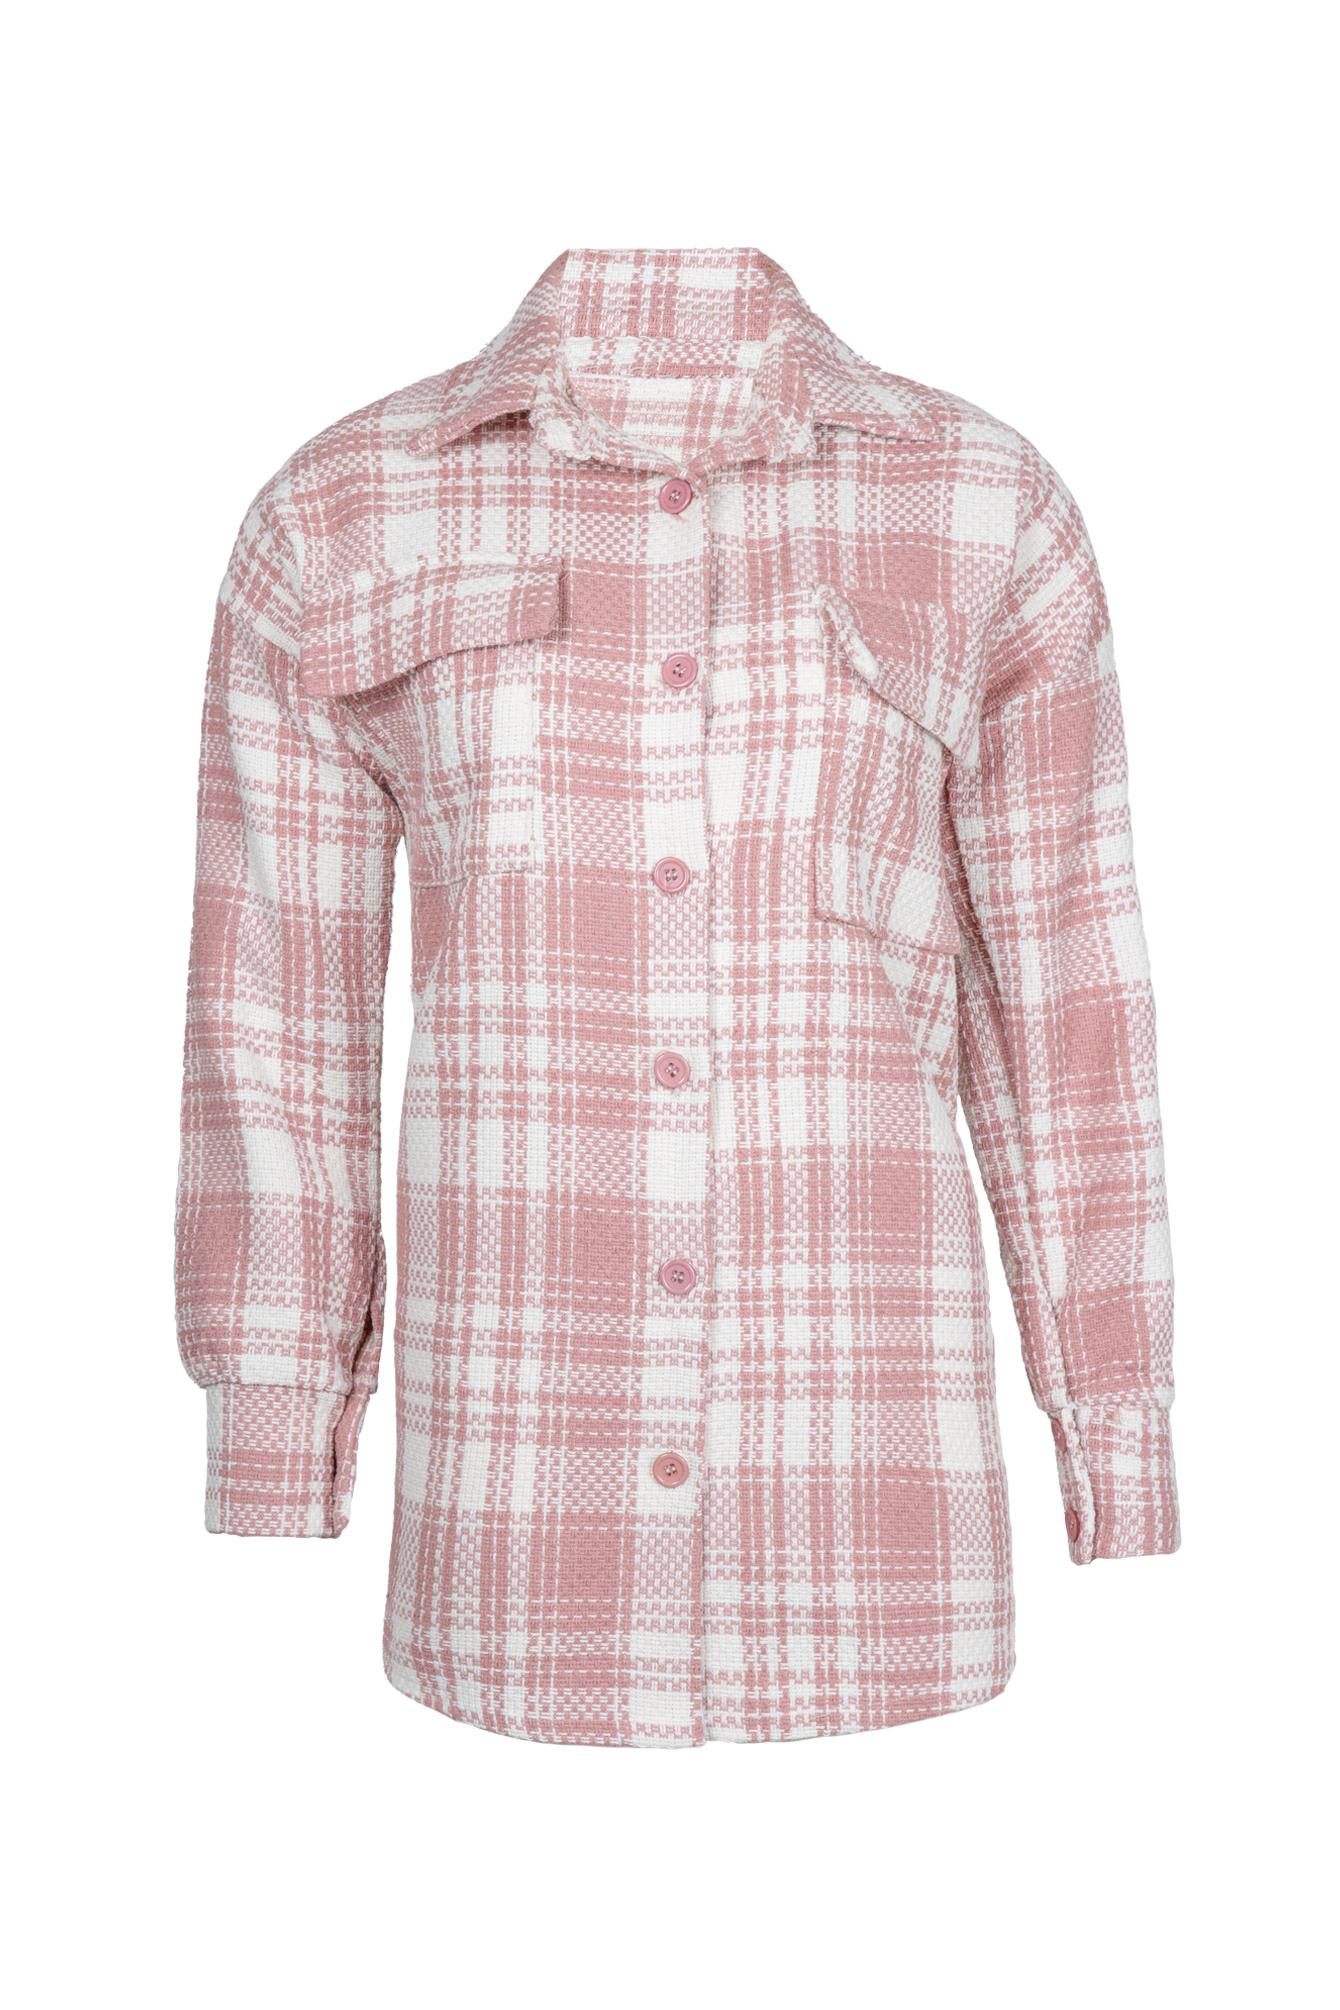 Tartan blouse Jinke pink